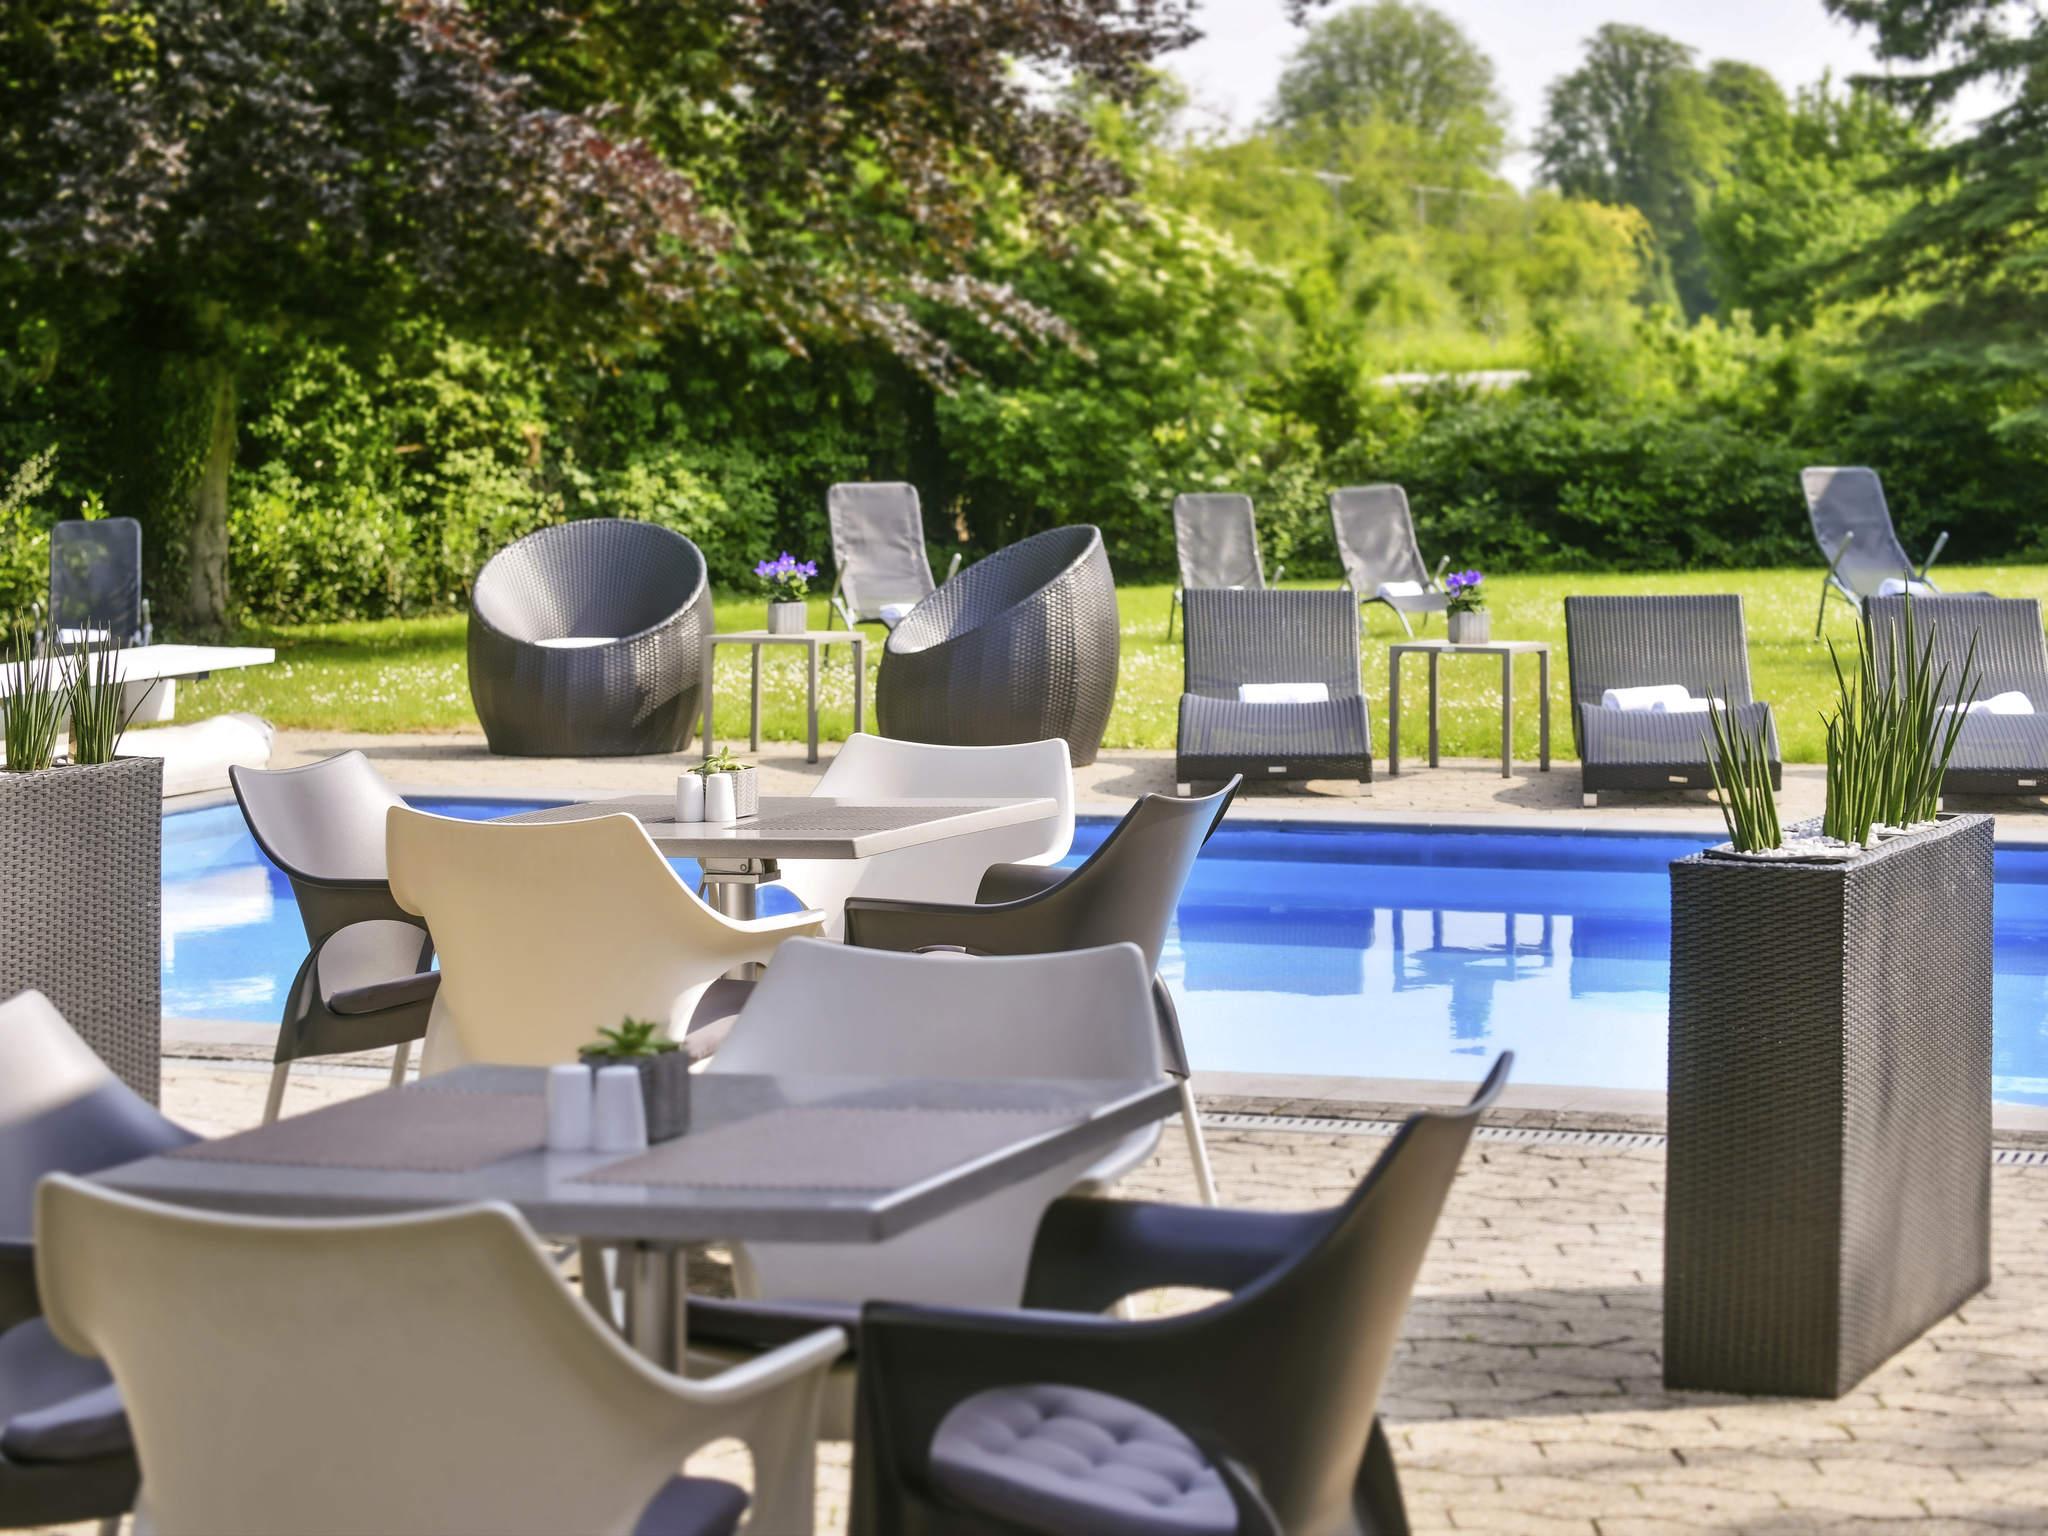 ホテル – メルキュールホテルアーヘンオイローパプラッツ